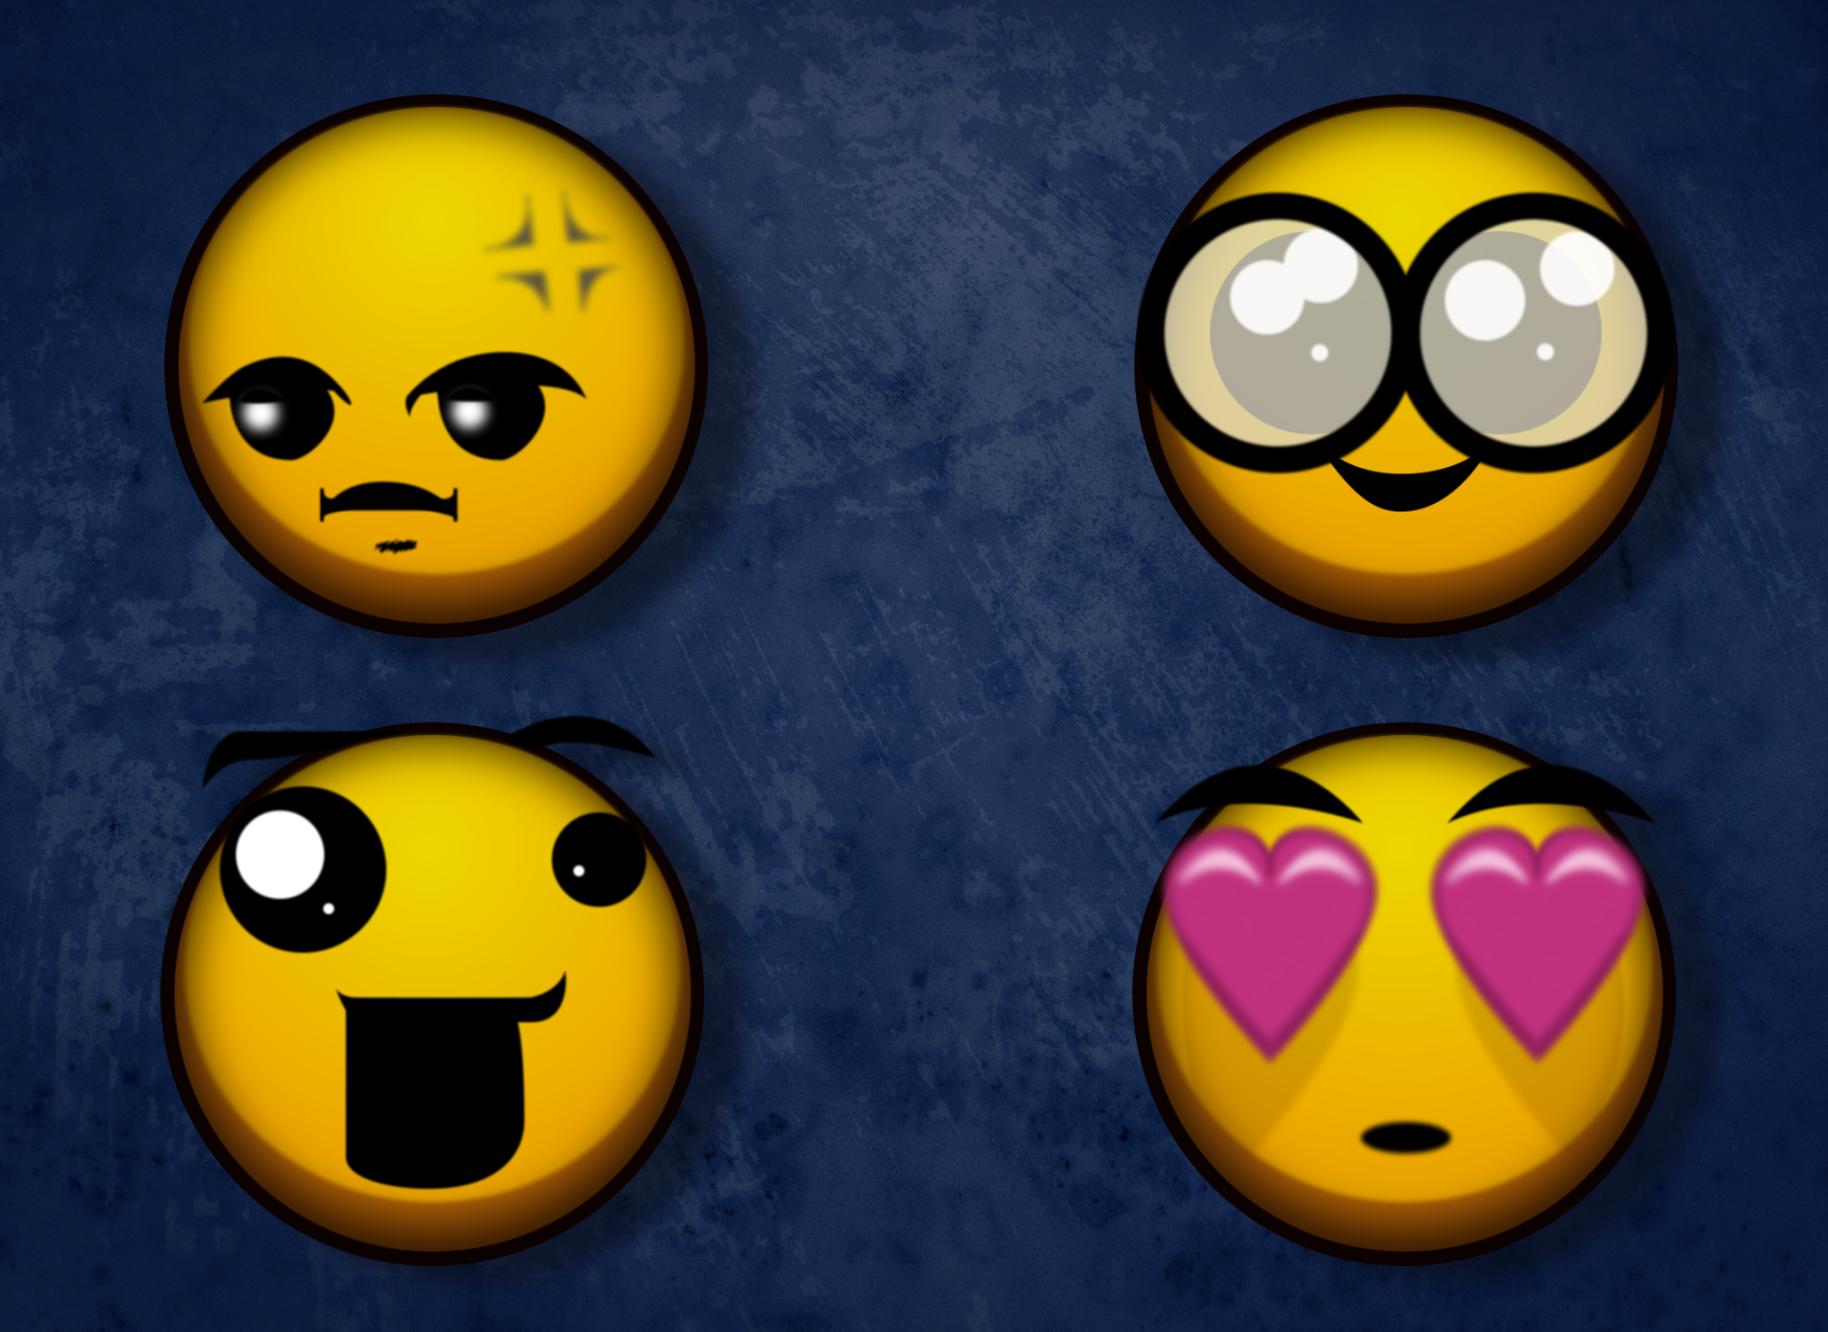 NG Emoticons